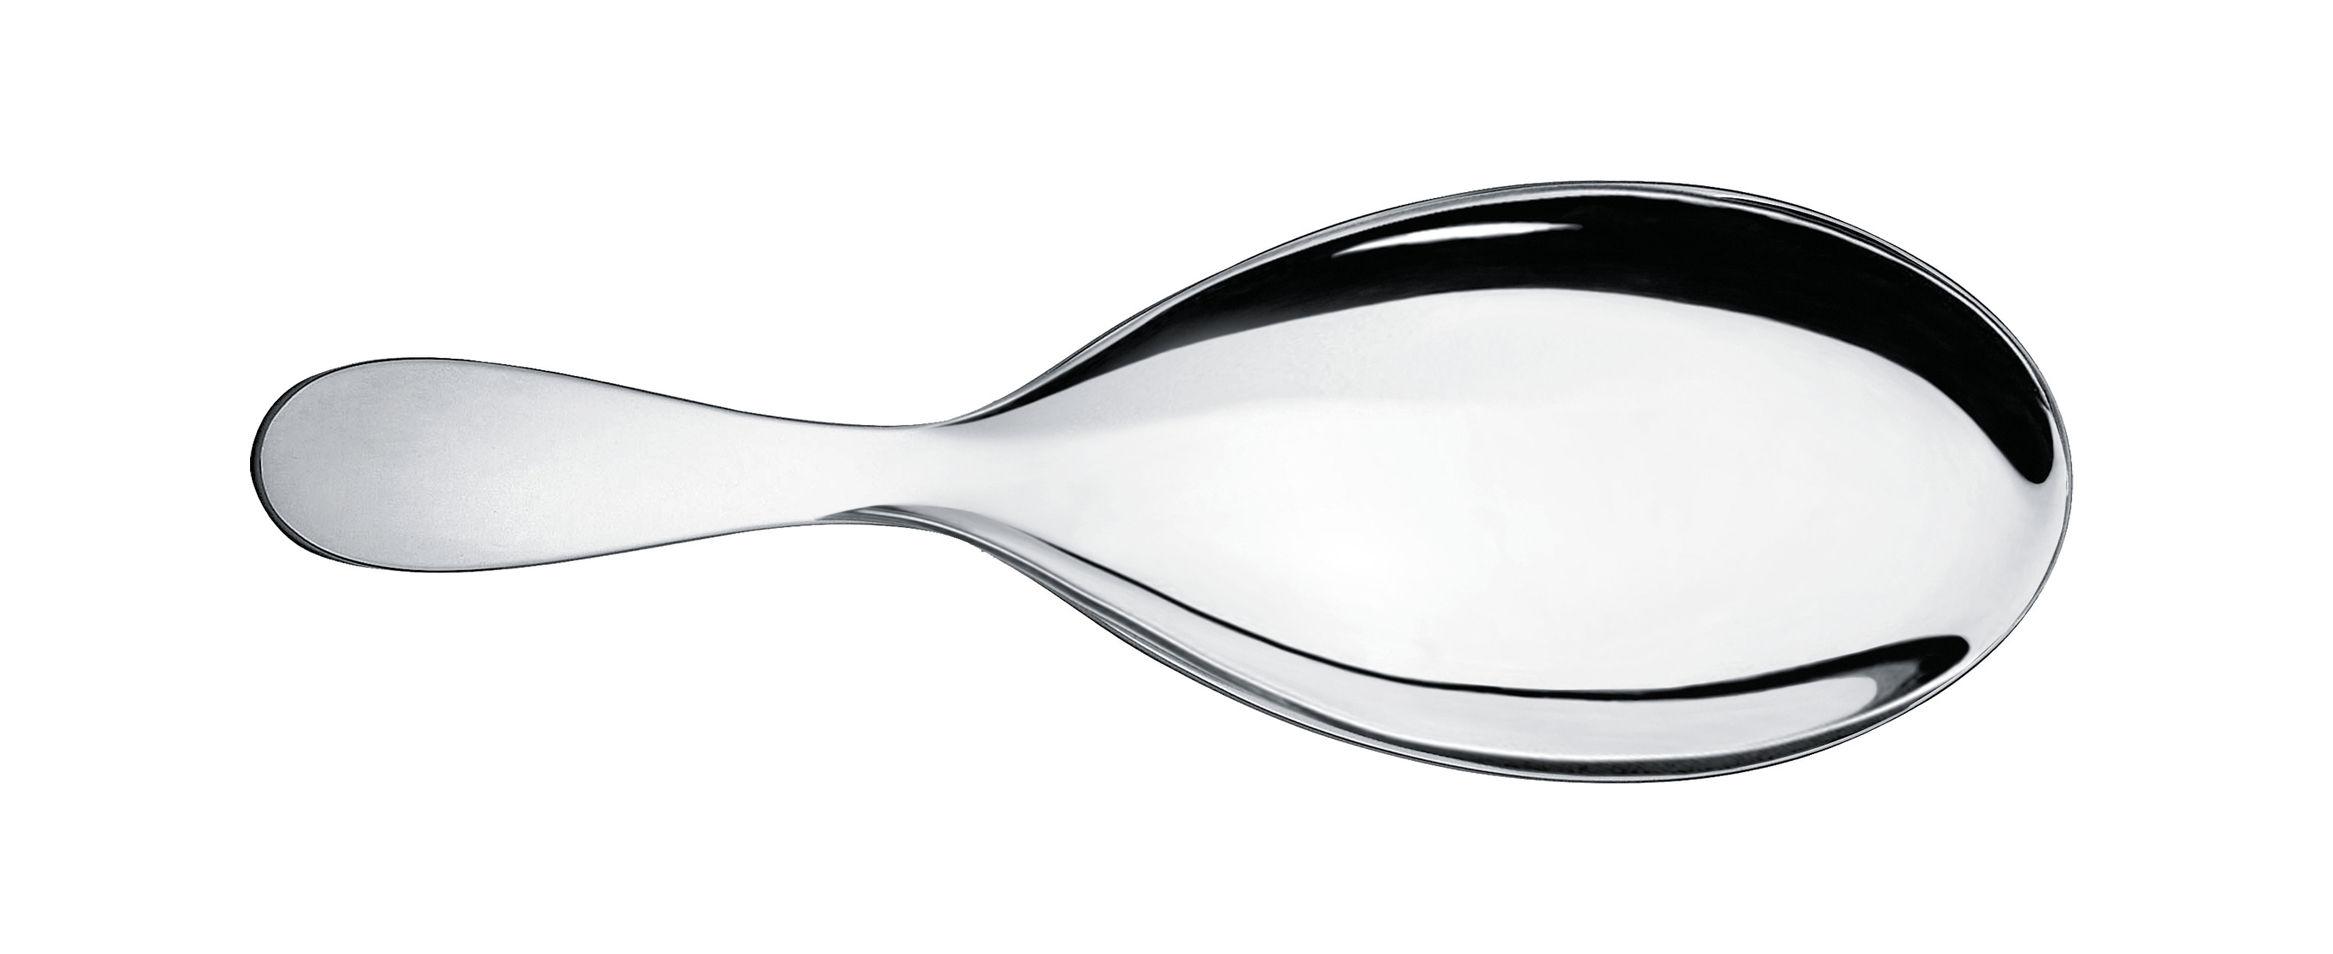 Tavola - Posate da portata - Cucchiaio da portata Eat.it - / Per risotto di Alessi - Metallo brillante - Acciaio inox 18/10